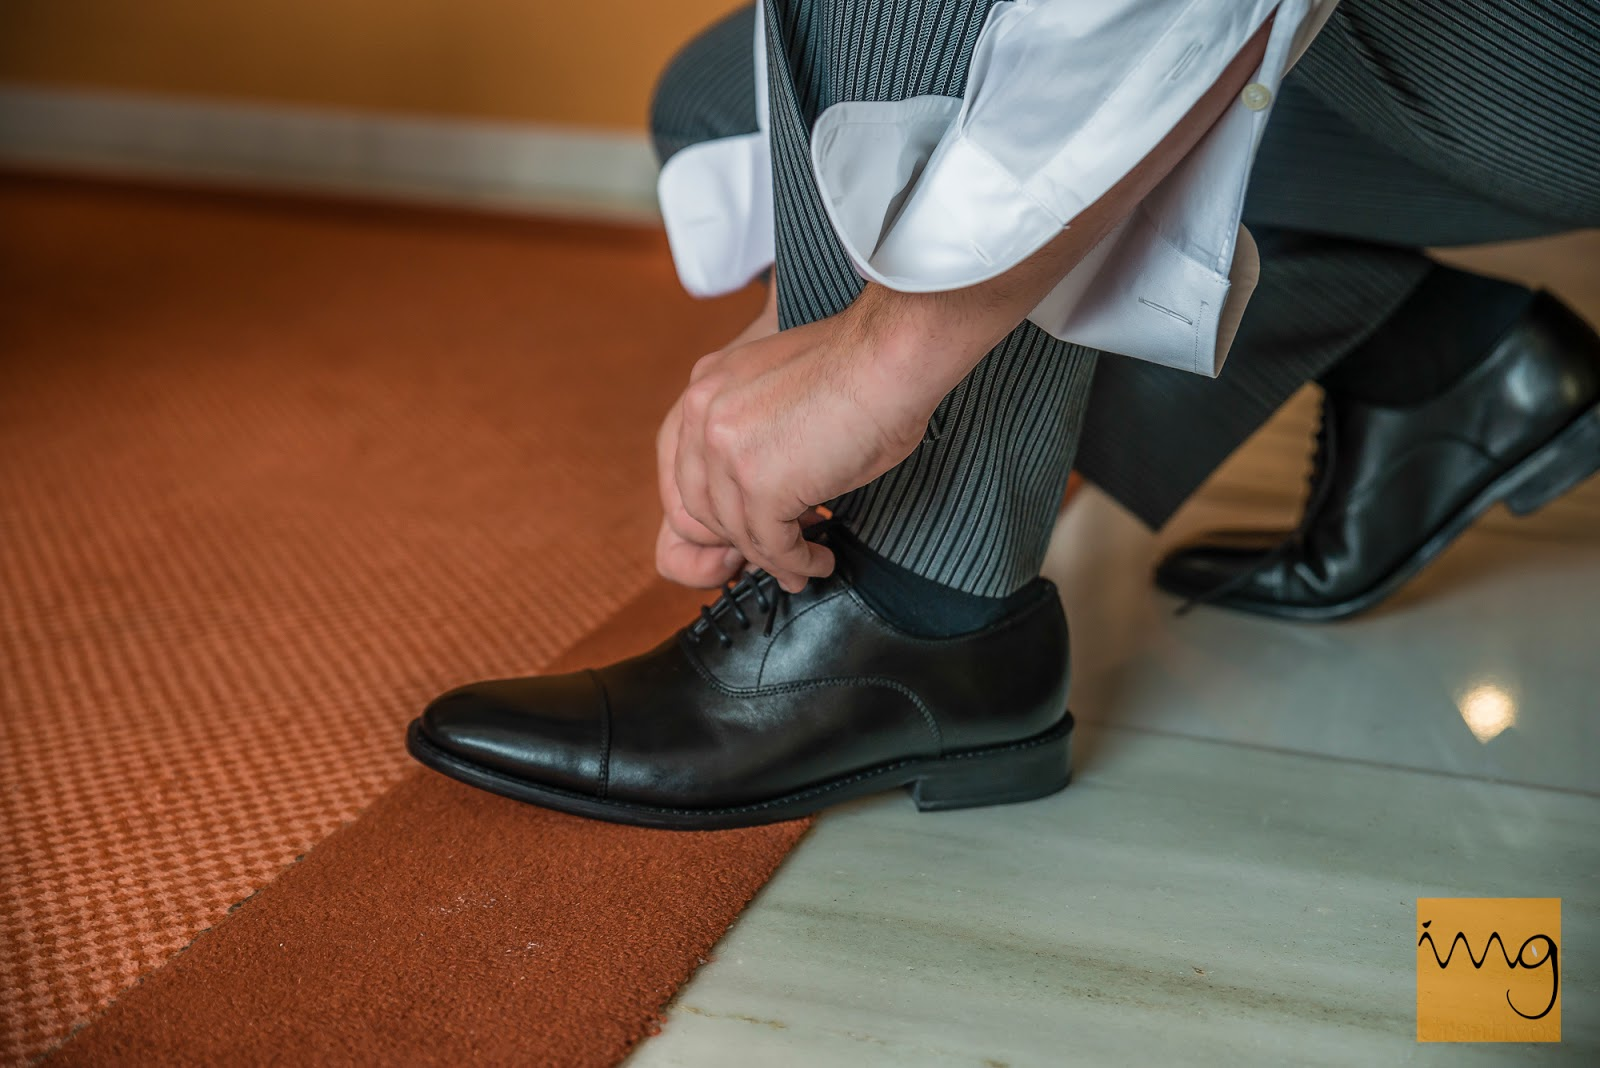 Fotografía de boda, atándose los zapatos